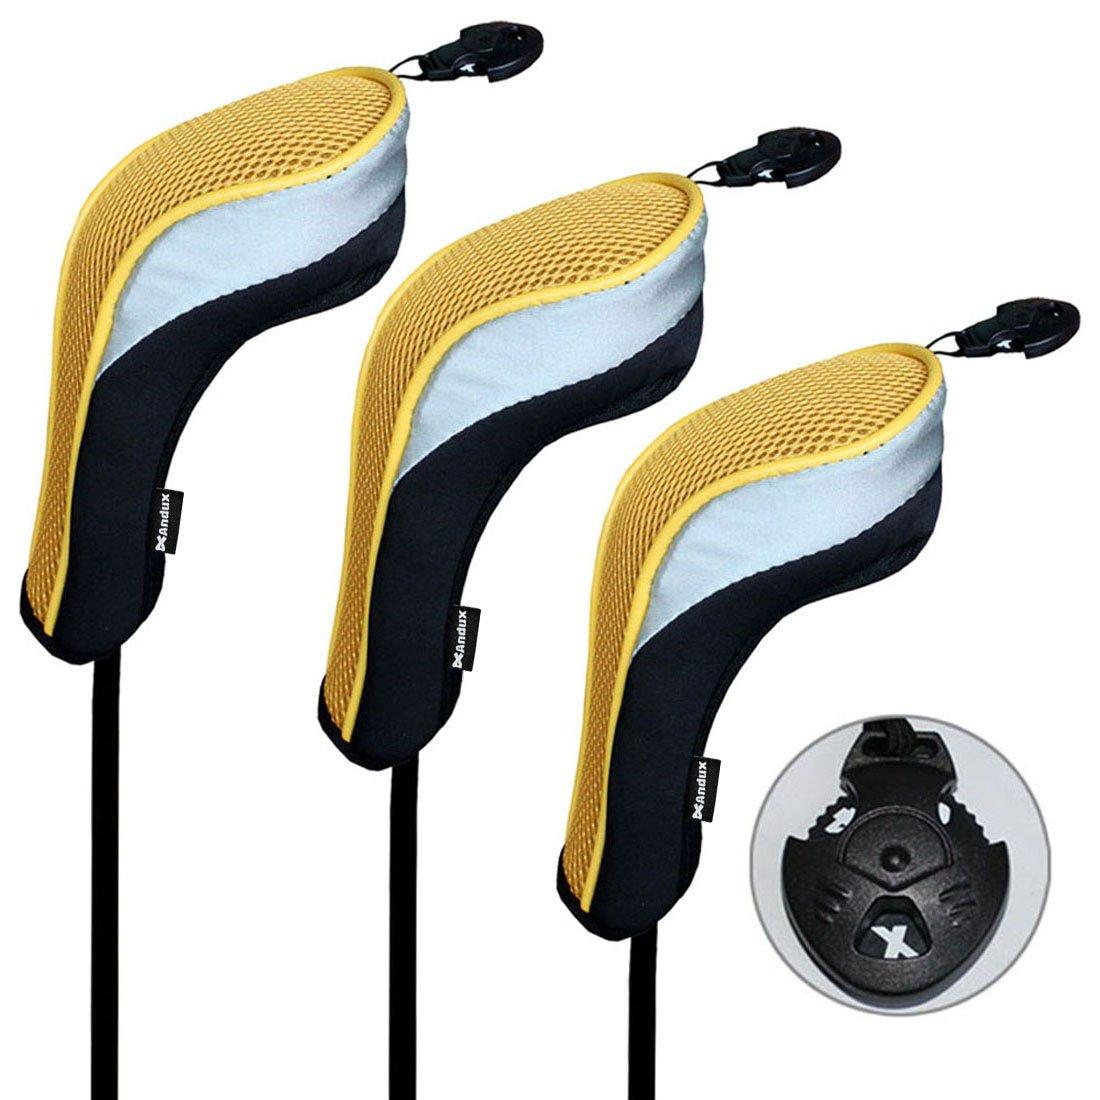 Andux 3 piezas funda de palo de golf híbridos con intercambiable No. etiqueta MT/hy02 (Negro/amrillo)